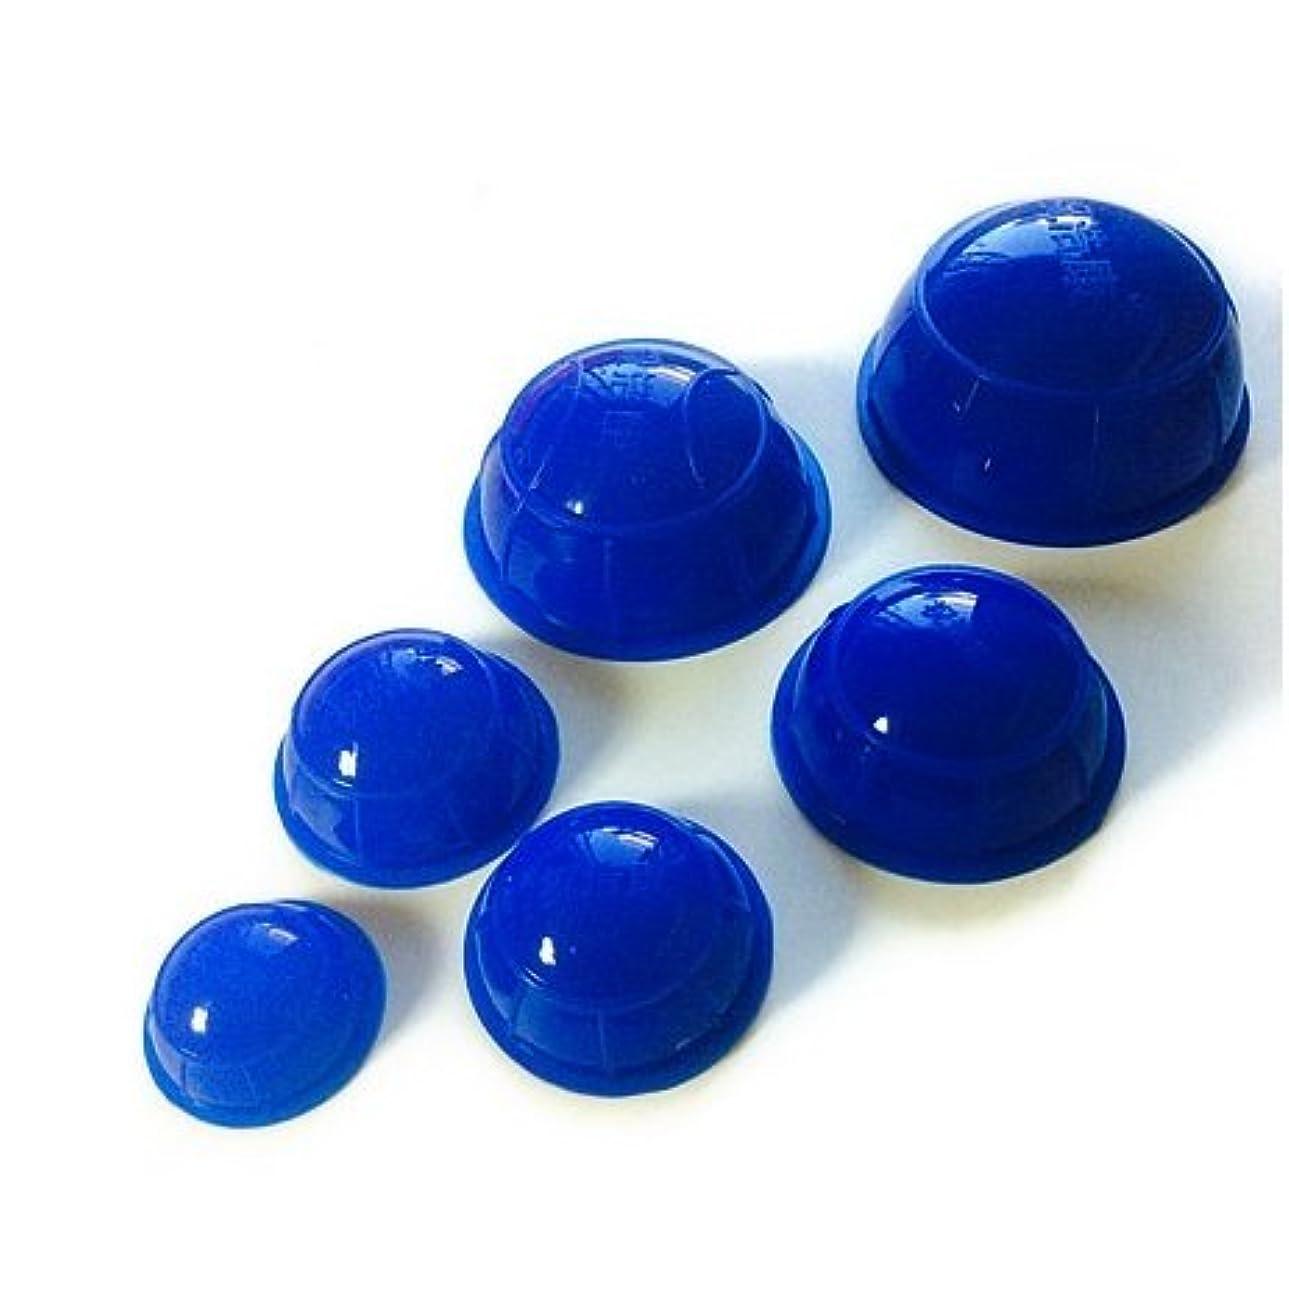 強度イノセンスお風呂を持っている簡易 吸い玉6個セット ブルー 大中小5種類の大きさ